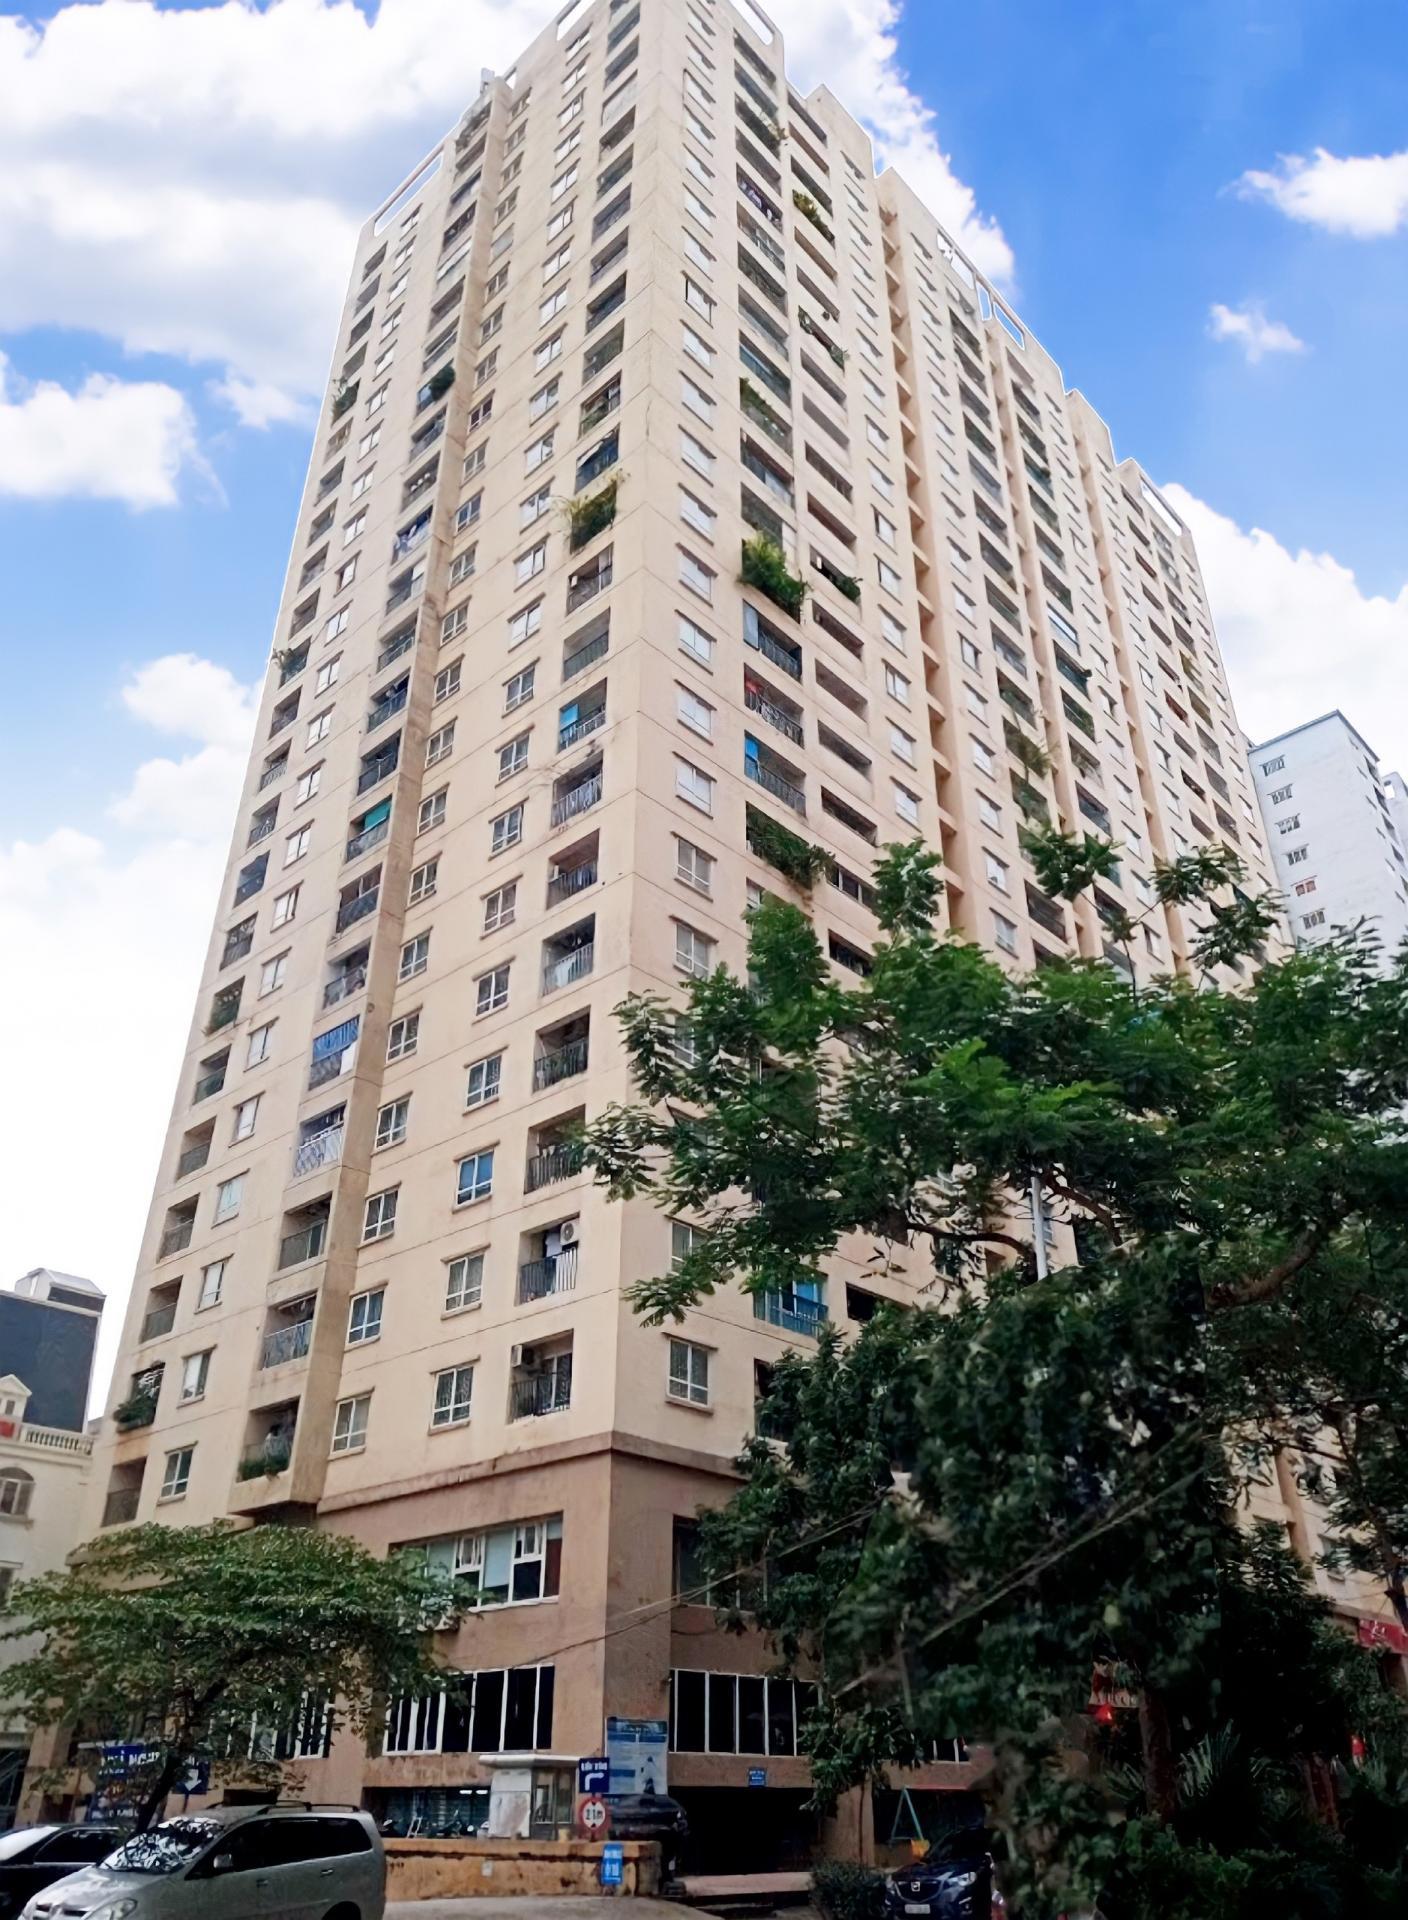 3. Tòa nhà hỗn hợp văn phòng và căn hộ CT4 Khu đô thị Văn Khê, phường la khê, quận Hà Đông, Thành phố Hà Nội (02 tầng hầ